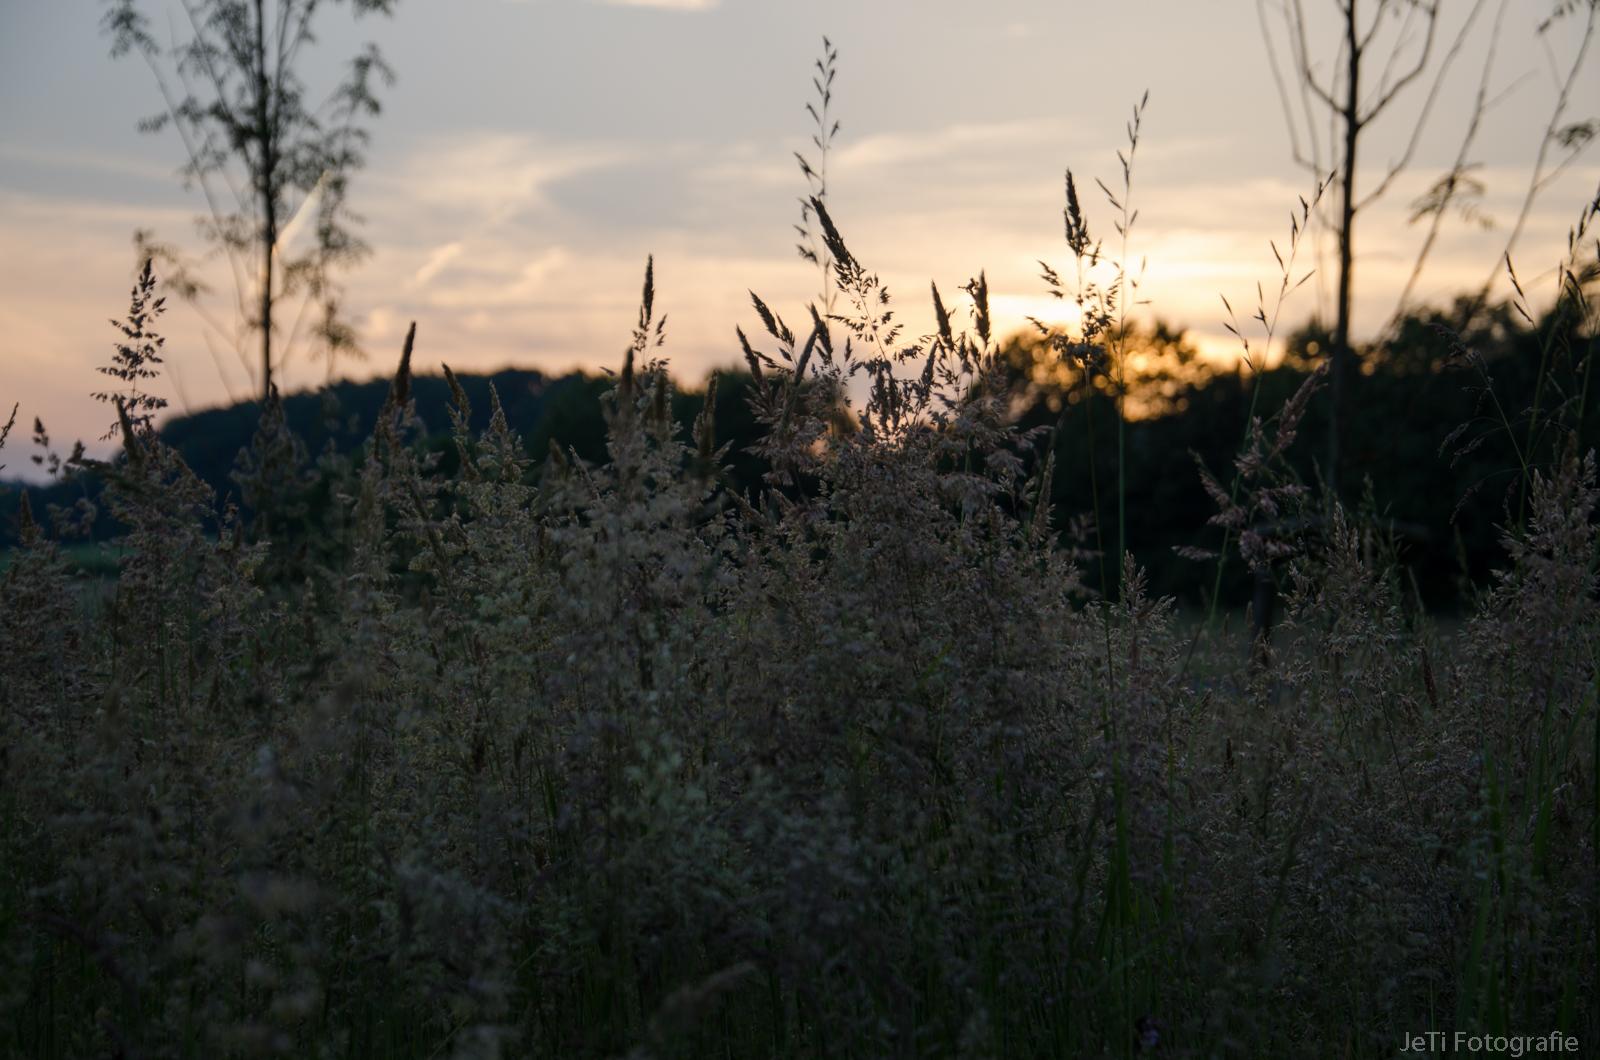 Abend Landschaft I